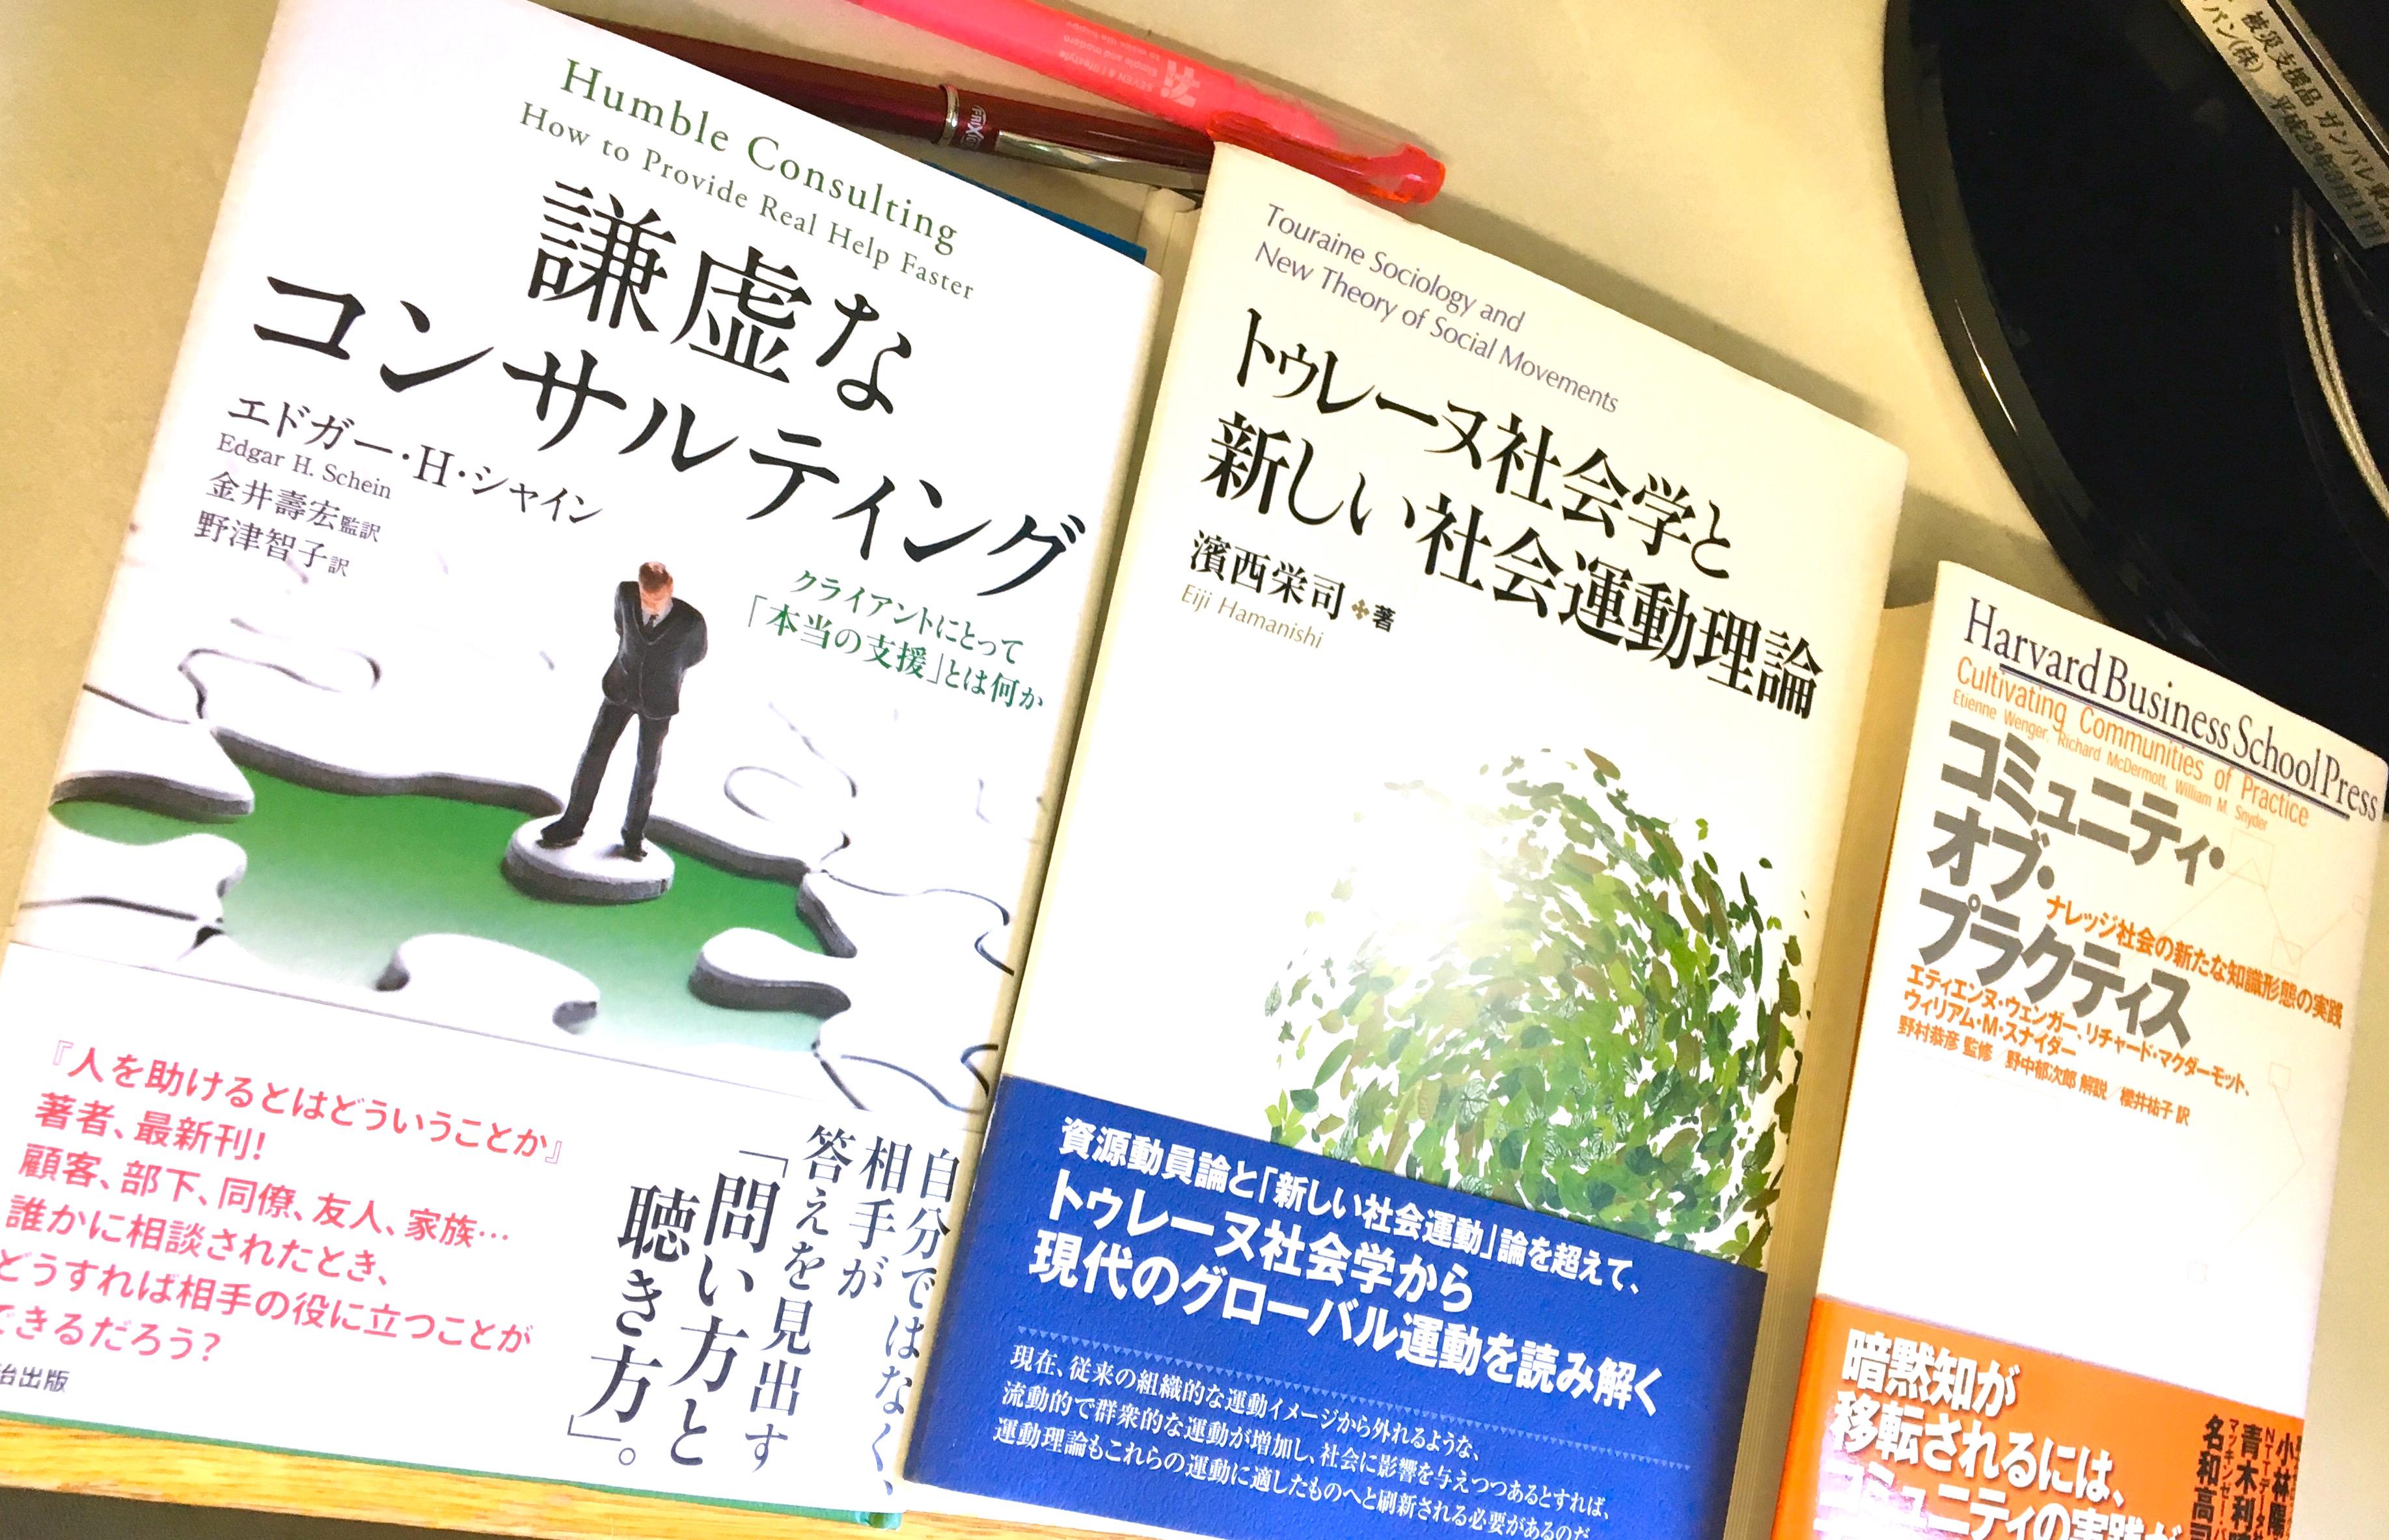 合宿研修のお供は分厚い翻訳書